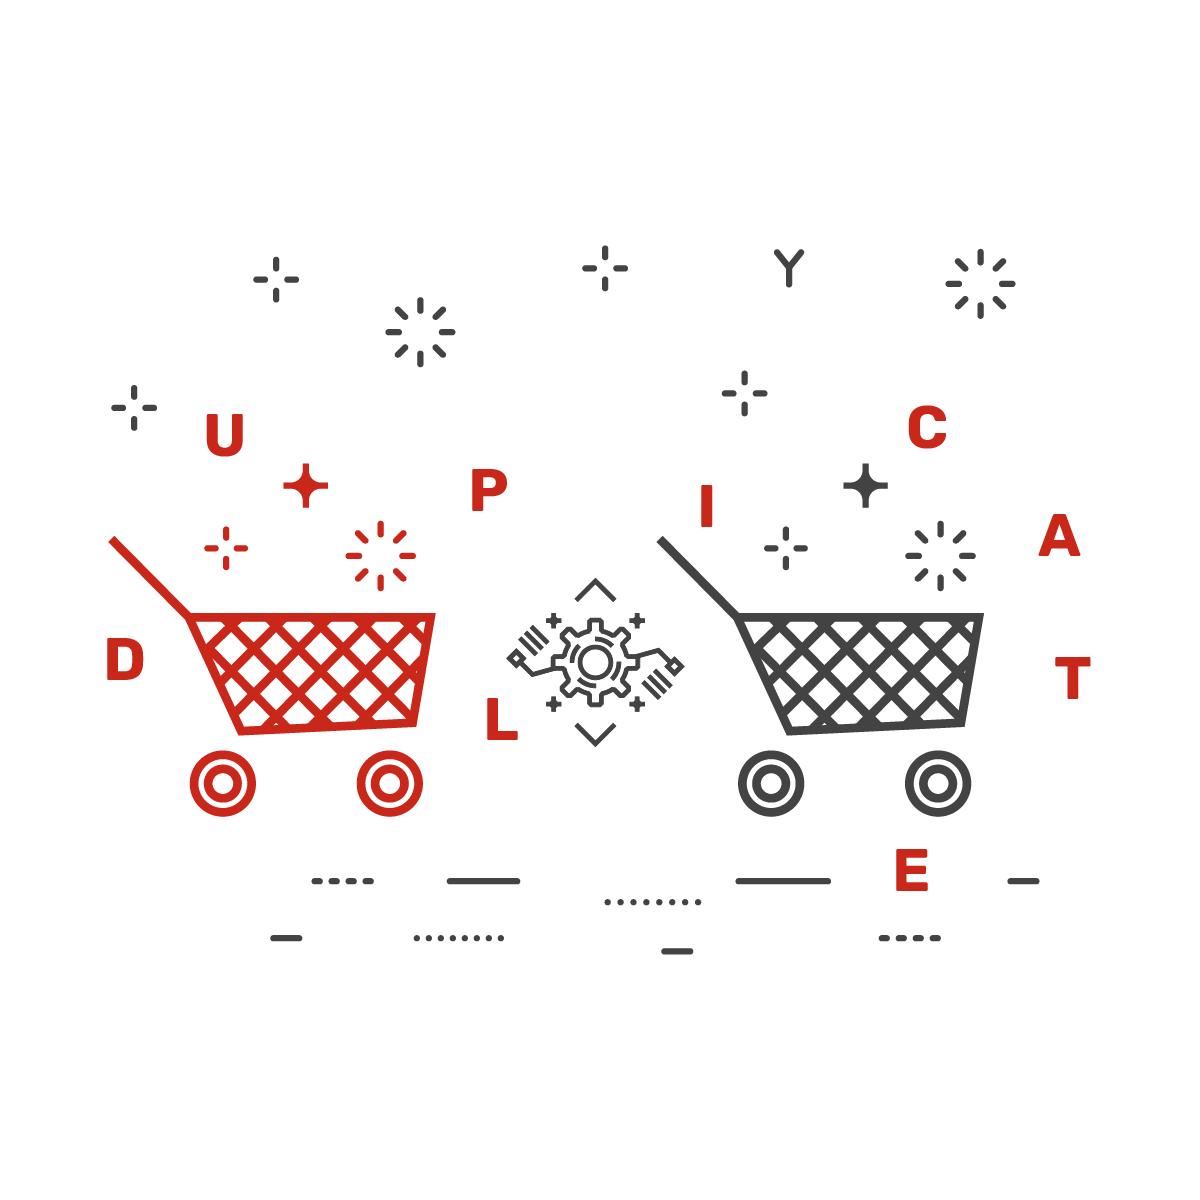 Duplikacja tresci w sklepie internetowym